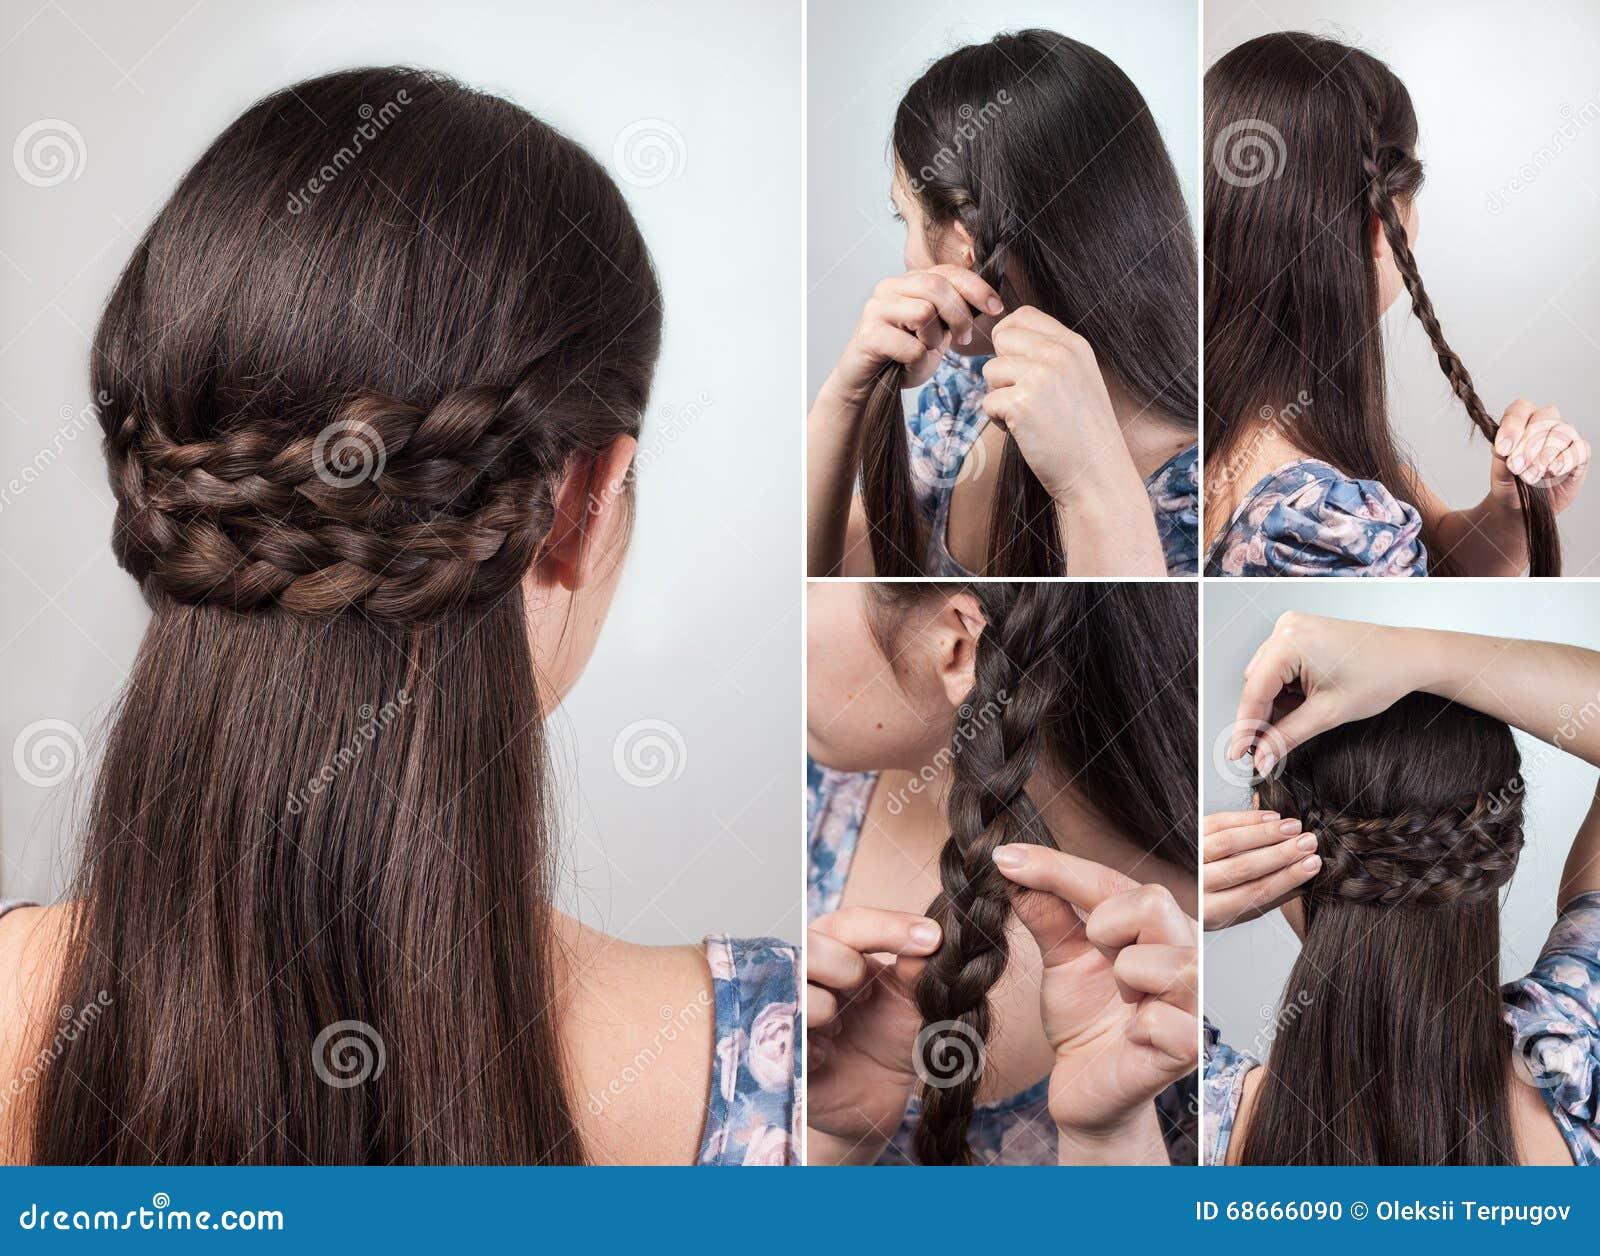 简单的发型讲解